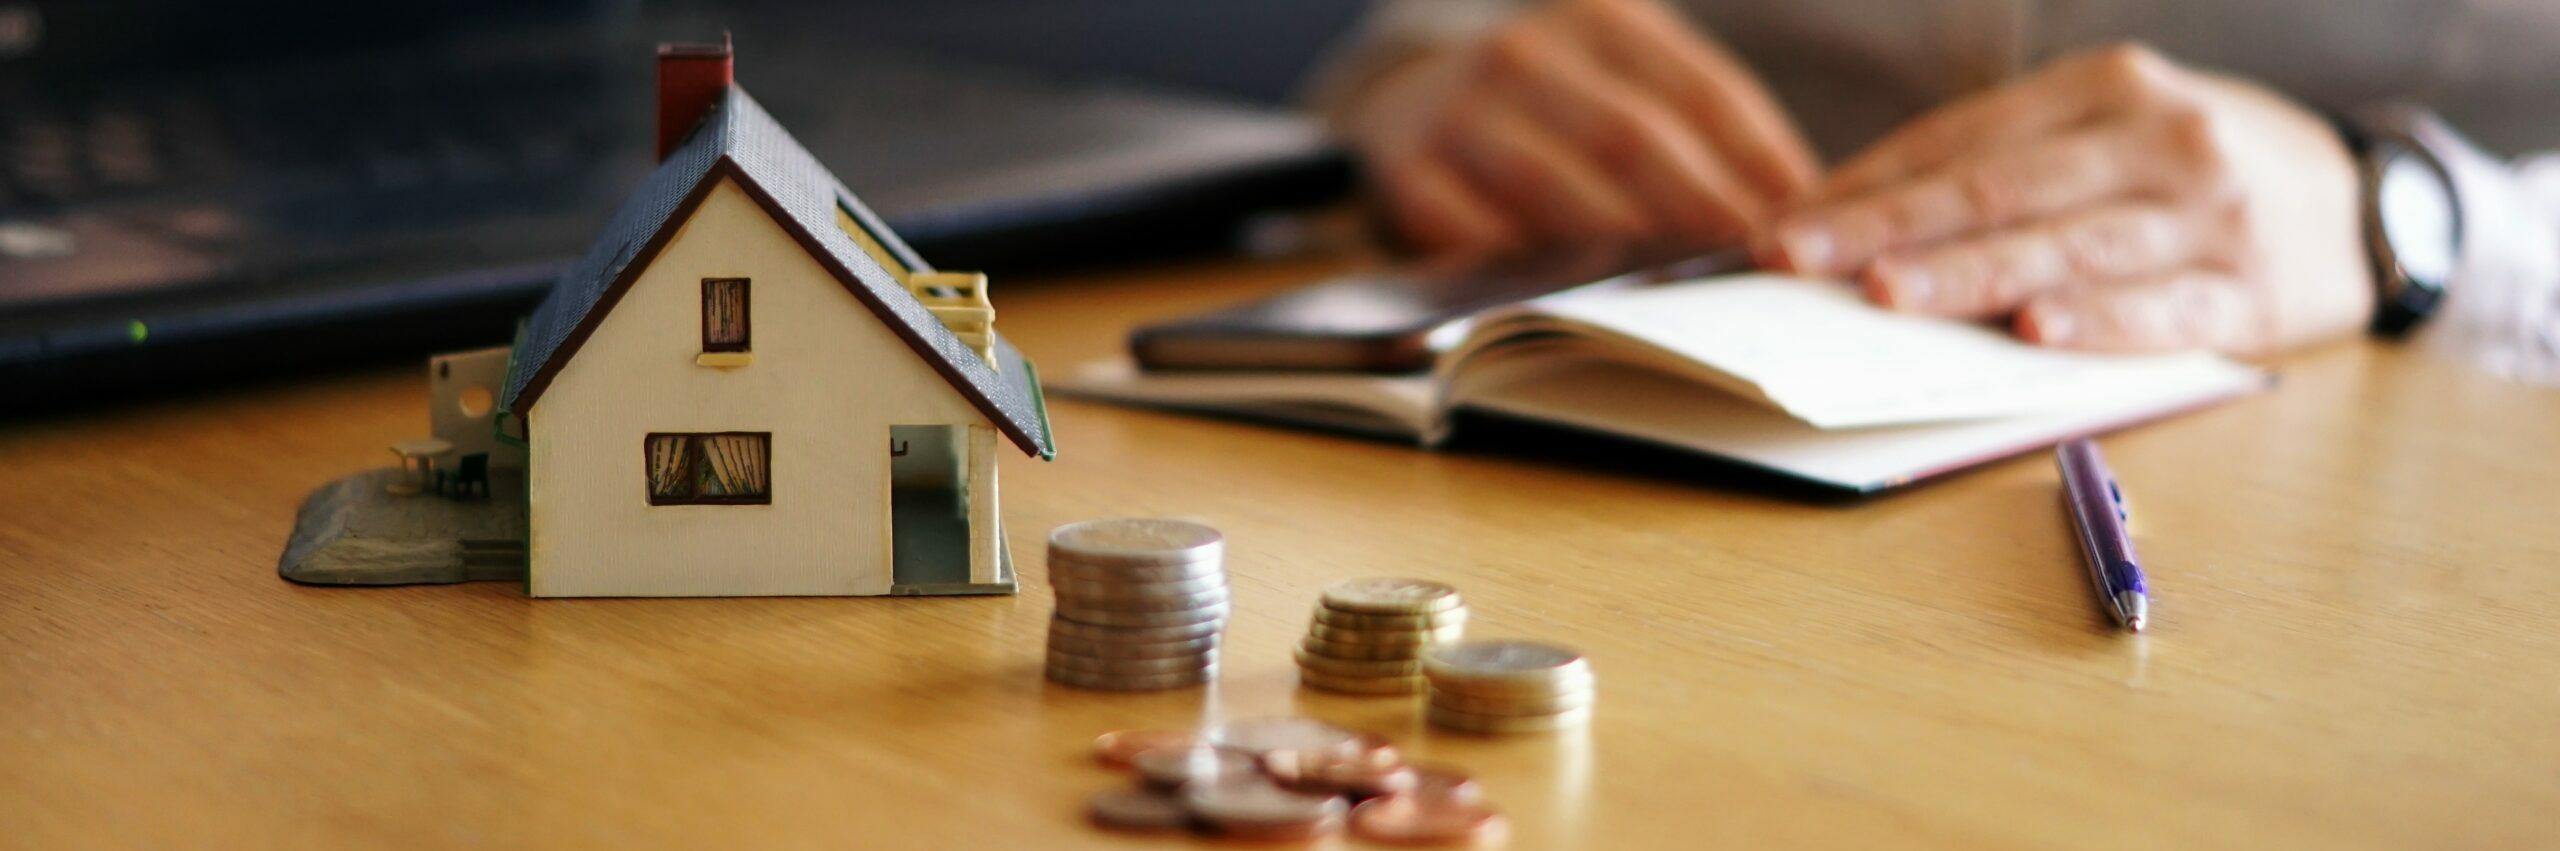 Aan- en verkoopbegeleiding van vastgoed als tussenpersoon en raadsman